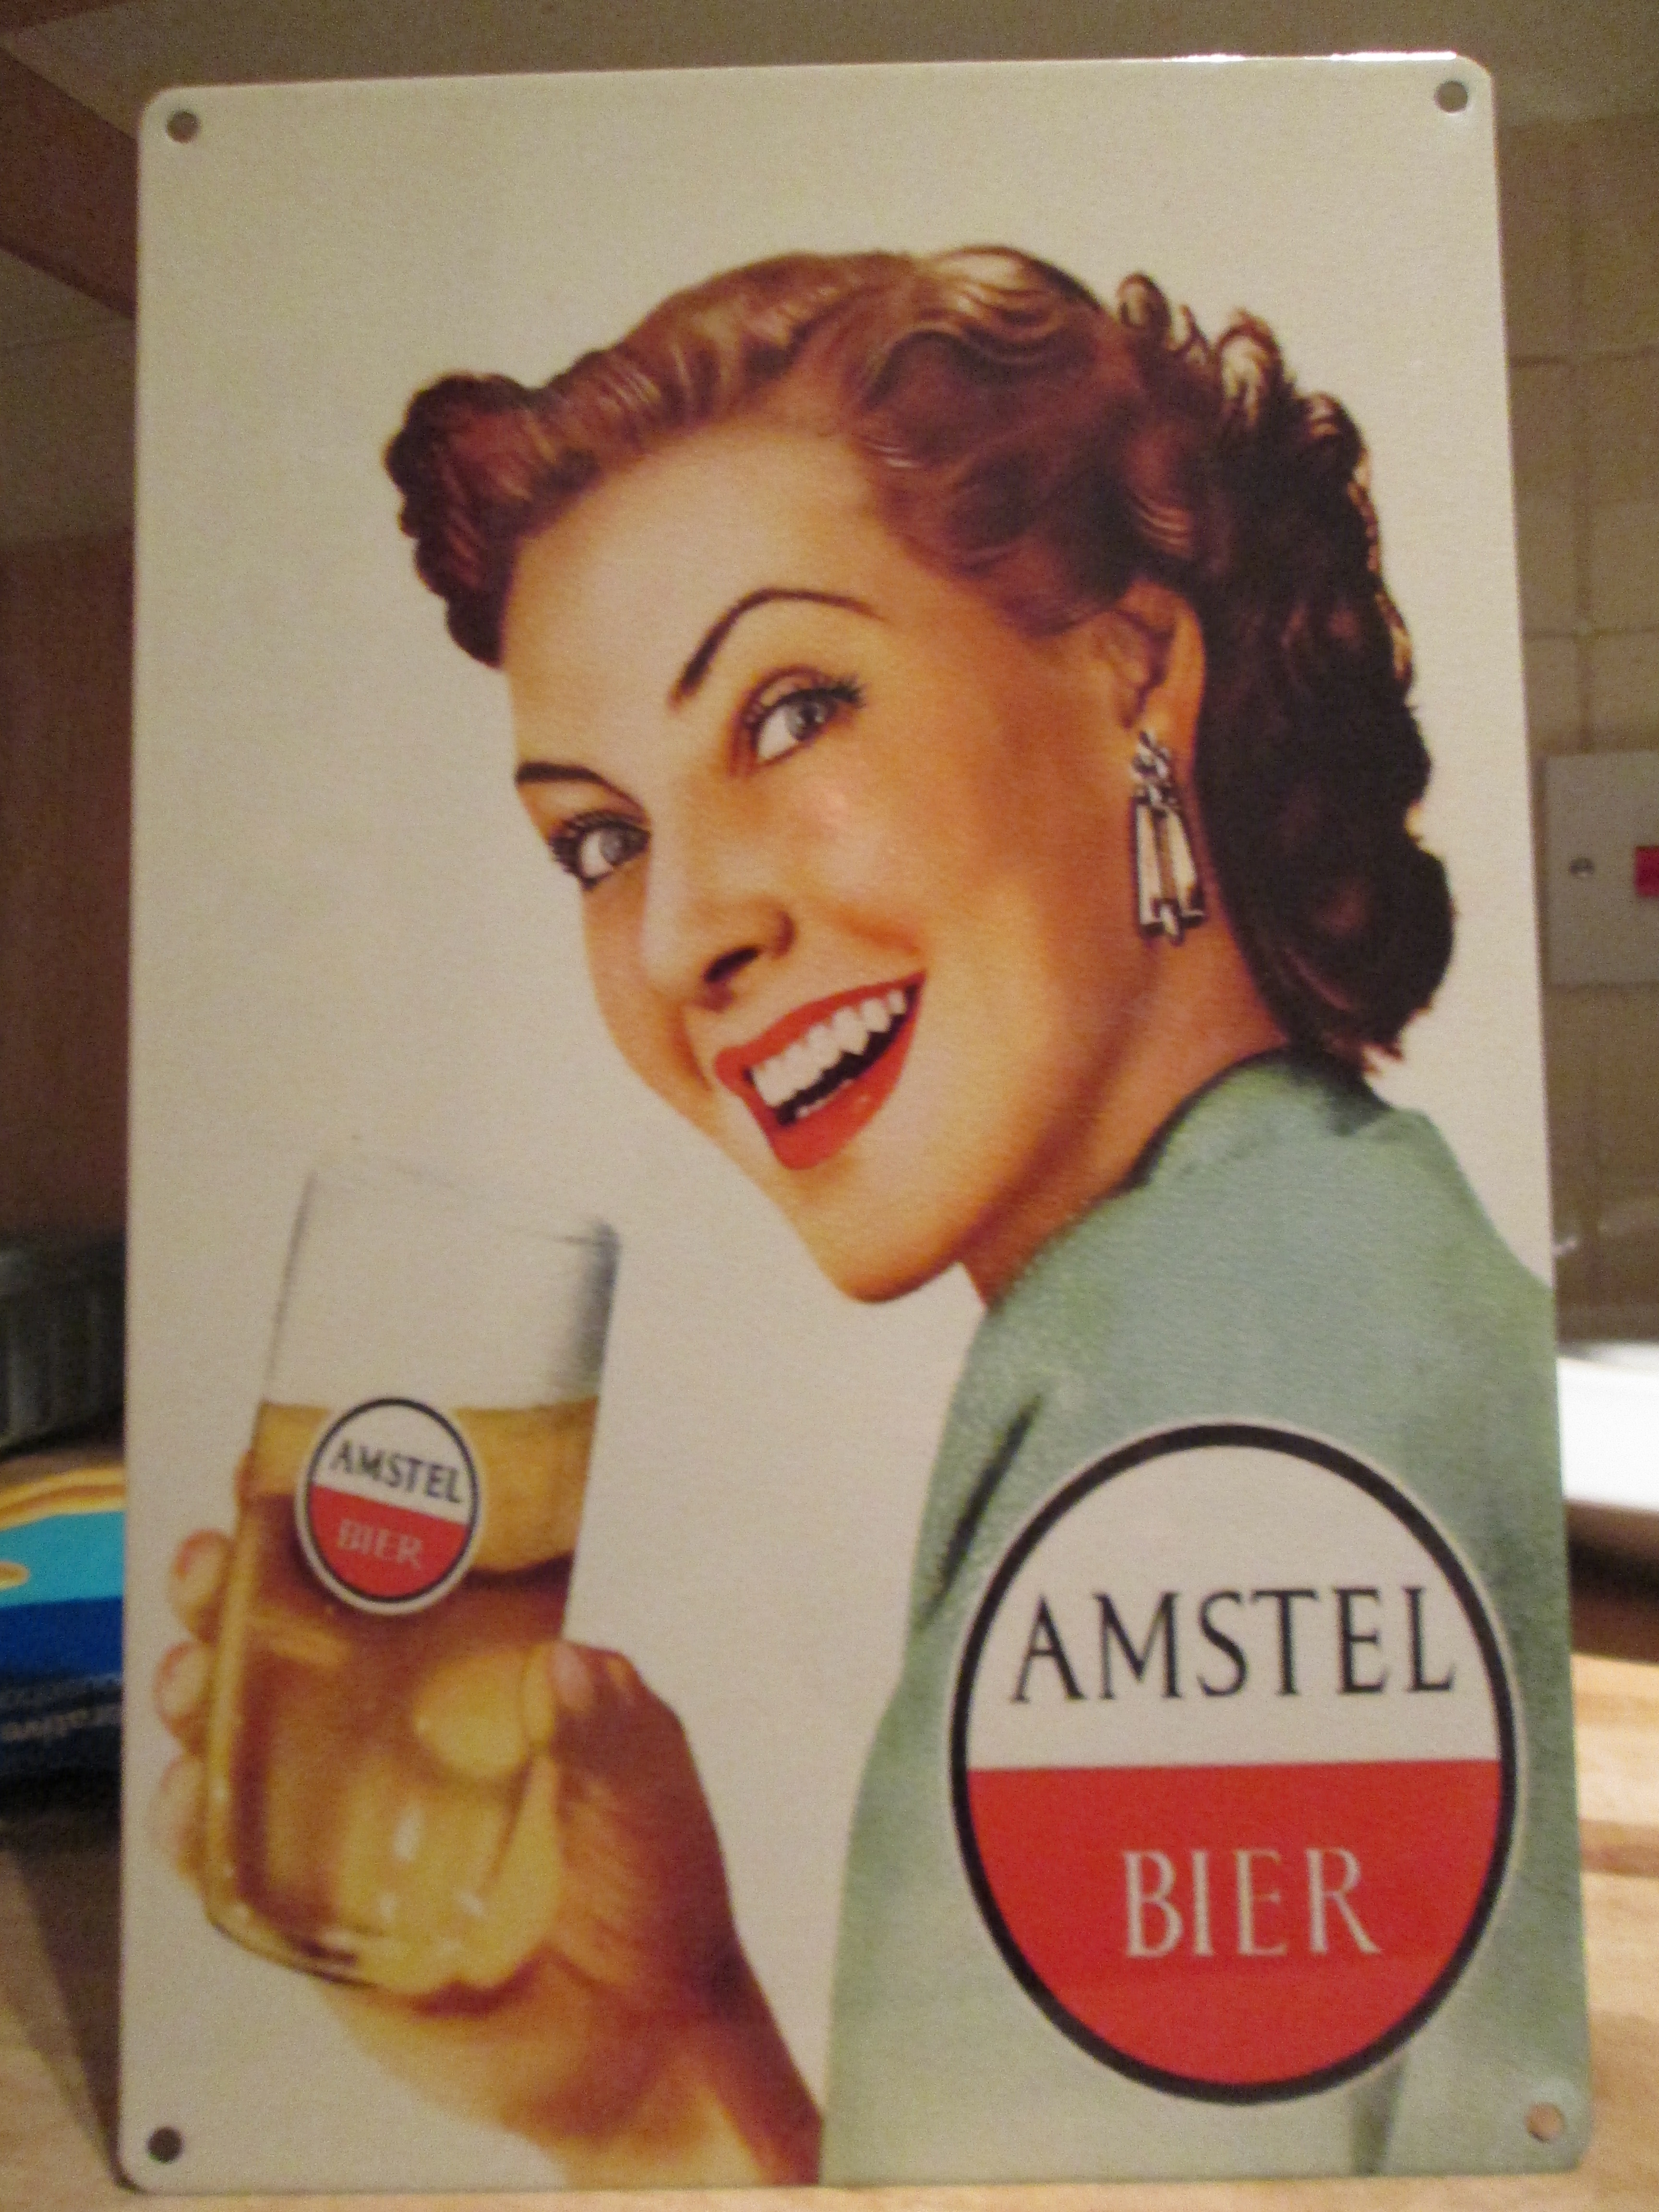 Emakume bat Amstel edaten